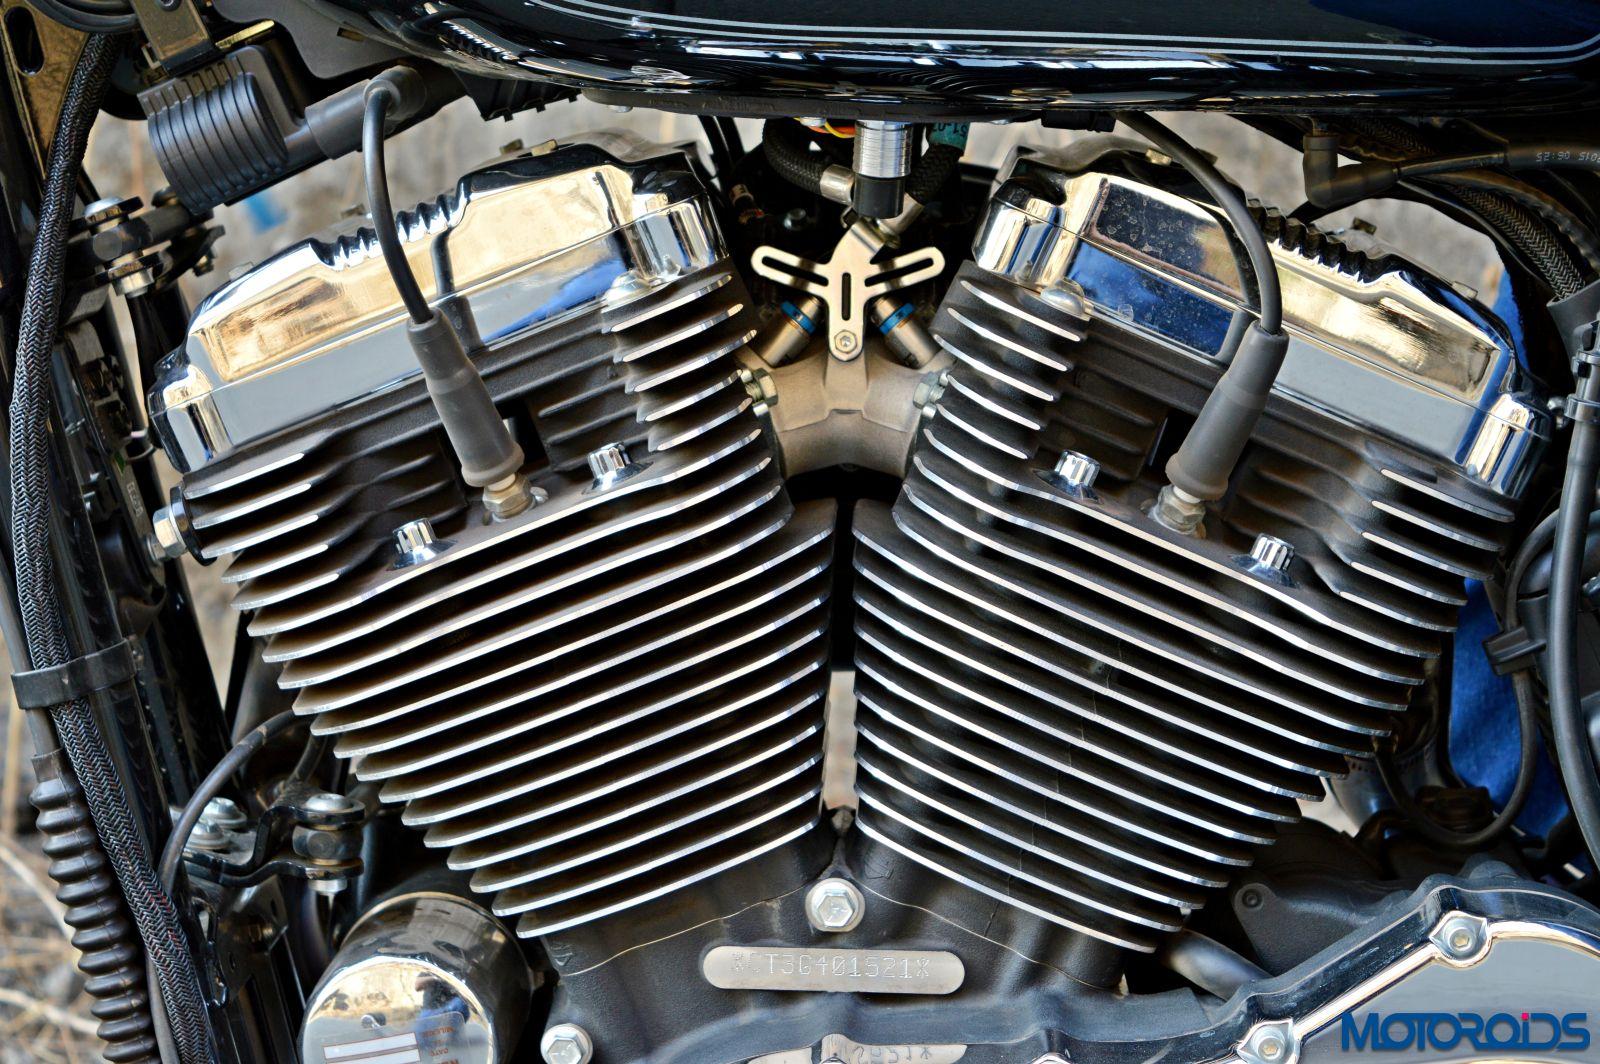 Harley-Davidson 1200 Custom Review - Details - Engine (3)